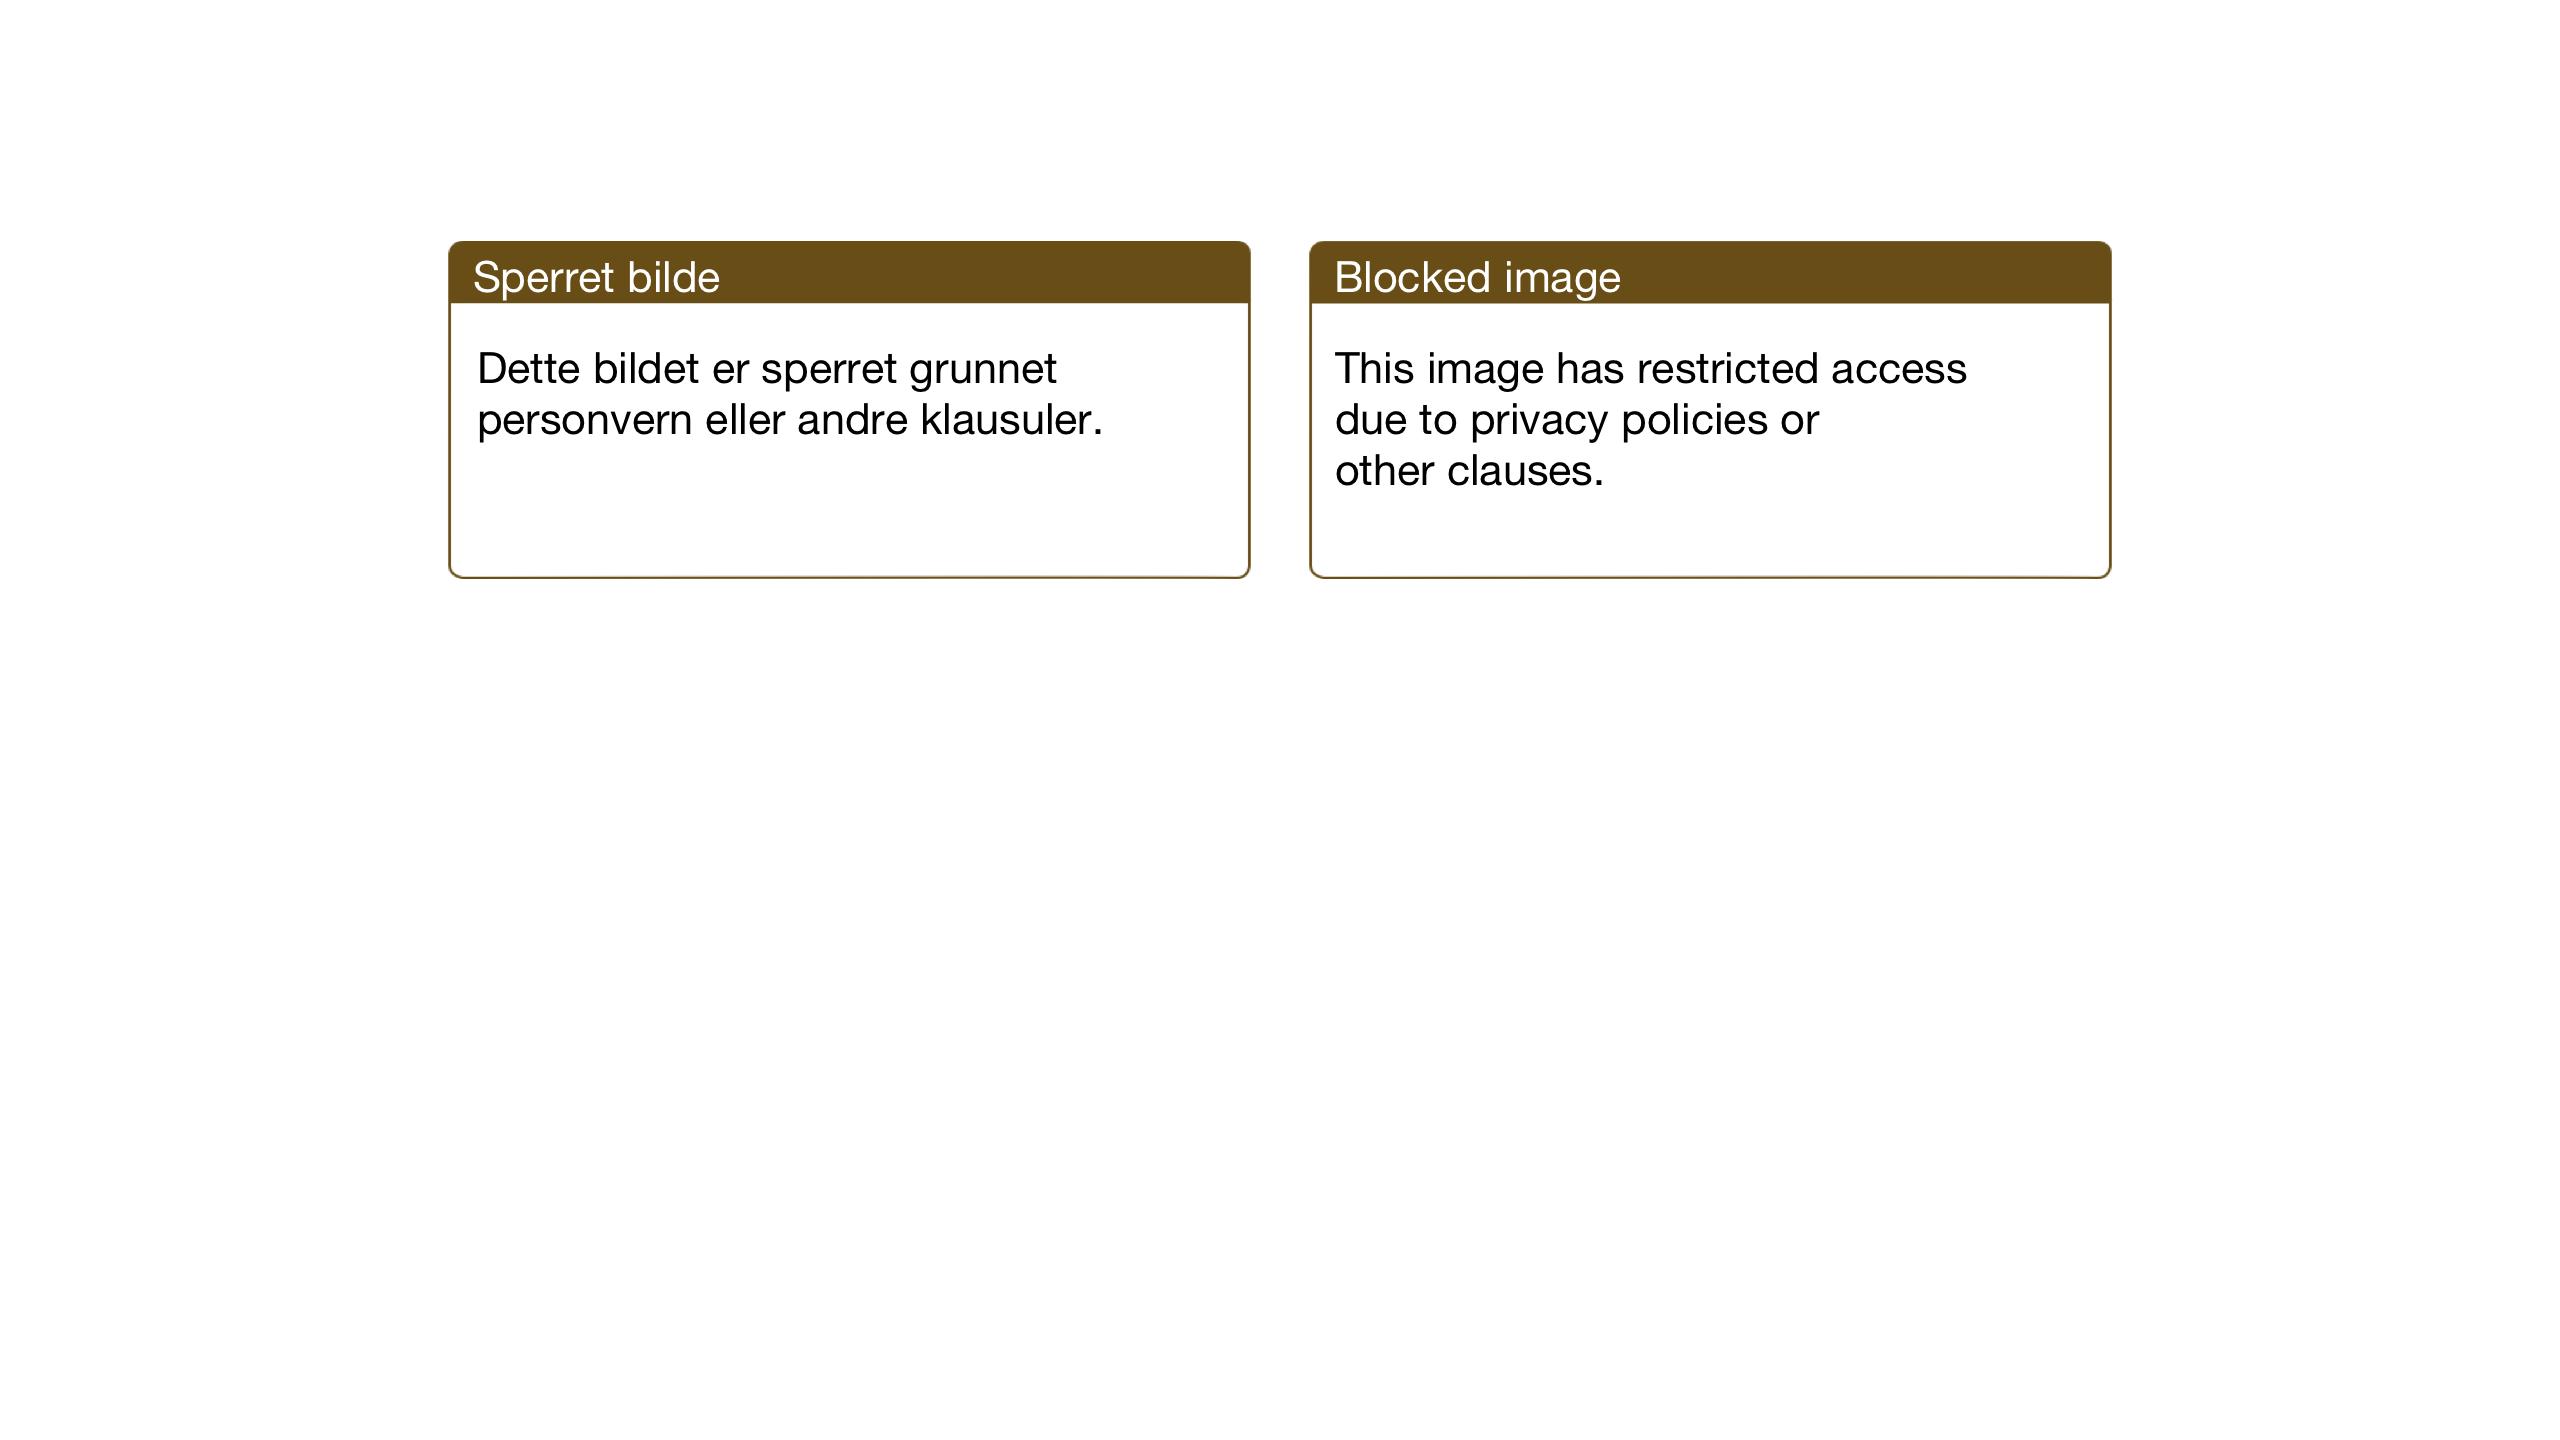 SAT, Ministerialprotokoller, klokkerbøker og fødselsregistre - Nord-Trøndelag, 742/L0413: Klokkerbok nr. 742C04, 1911-1938, s. 148